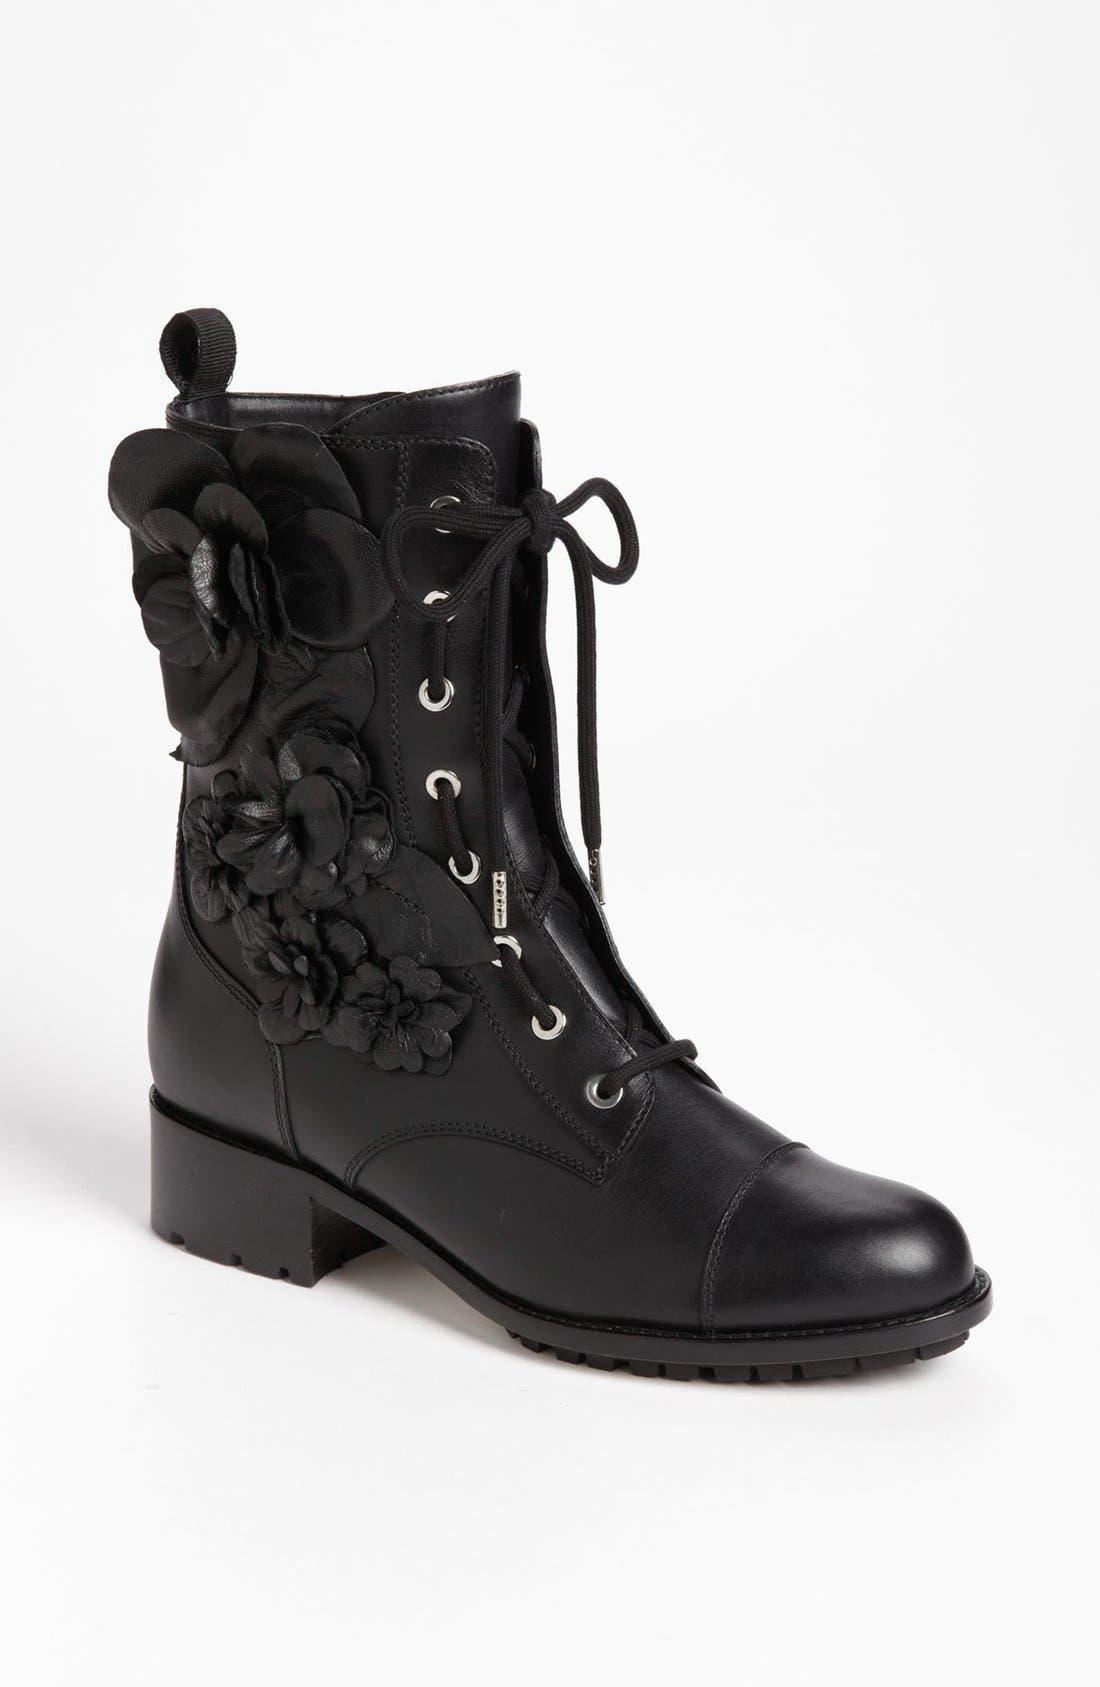 Main Image - VALENTINO GARAVANI 'Tecno Couture' Combat Boot